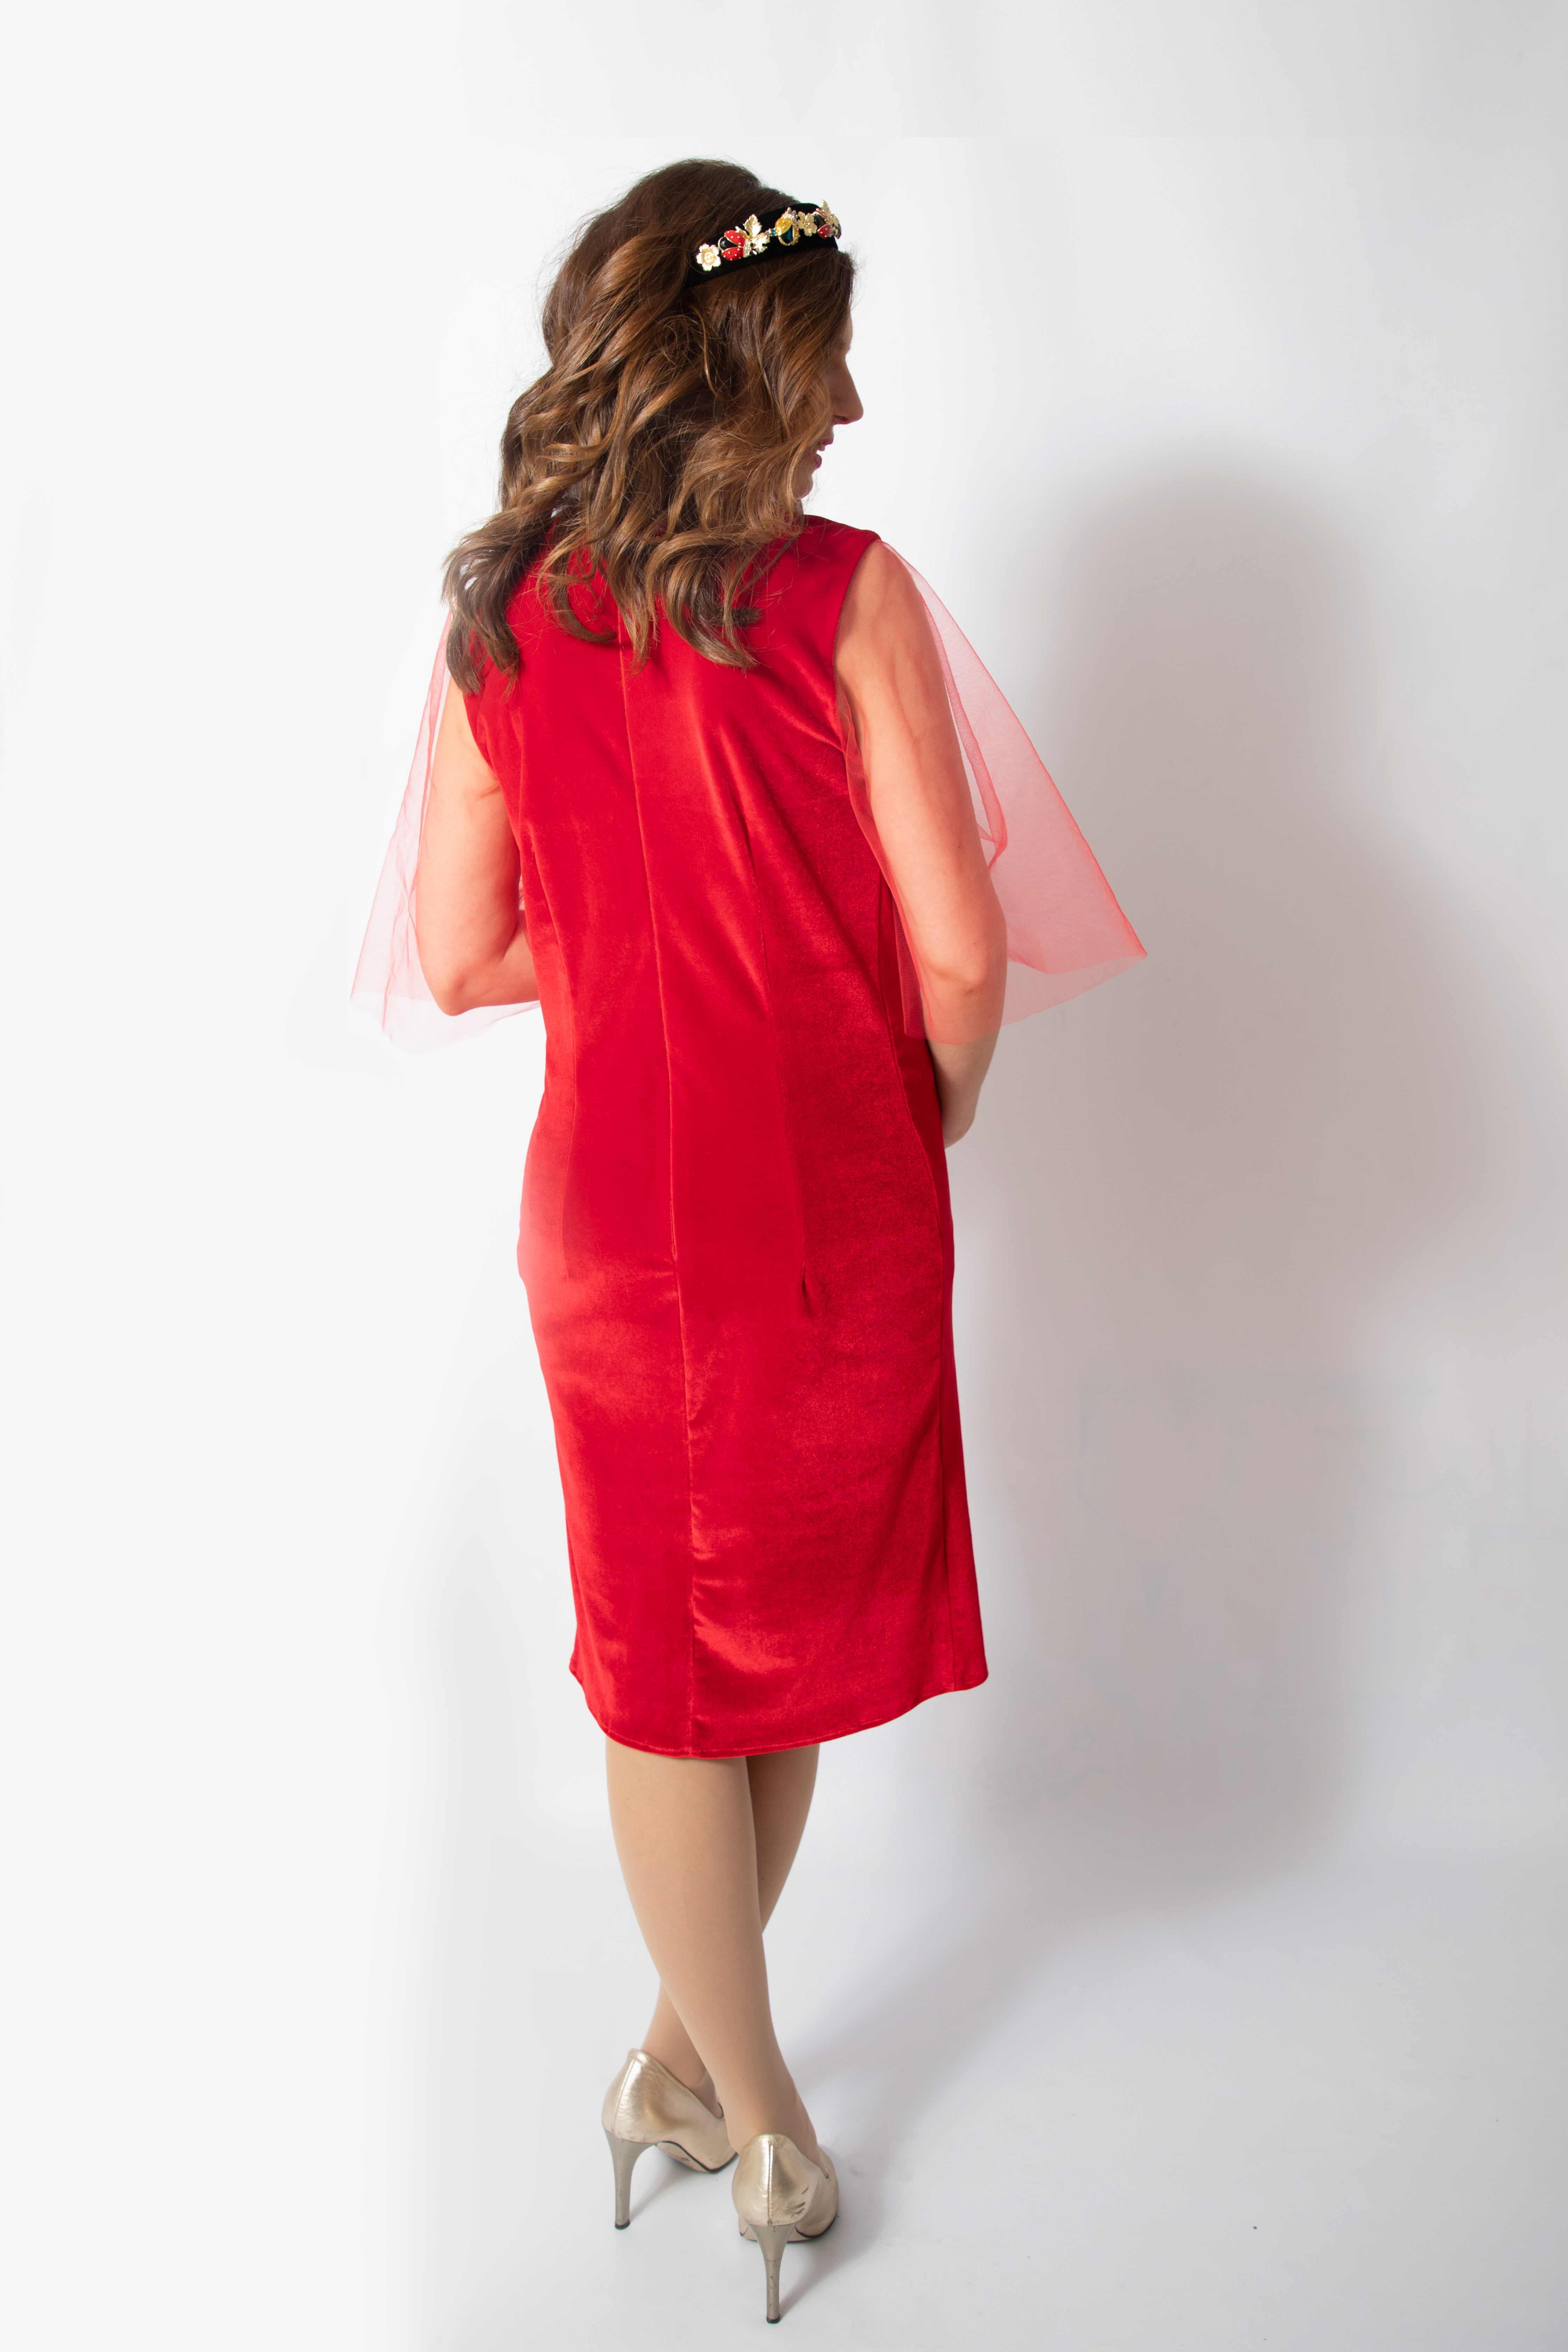 rouge-tulle-rochie-eleganta-gravida-din-catifea-premium-transport-gratuit [6]